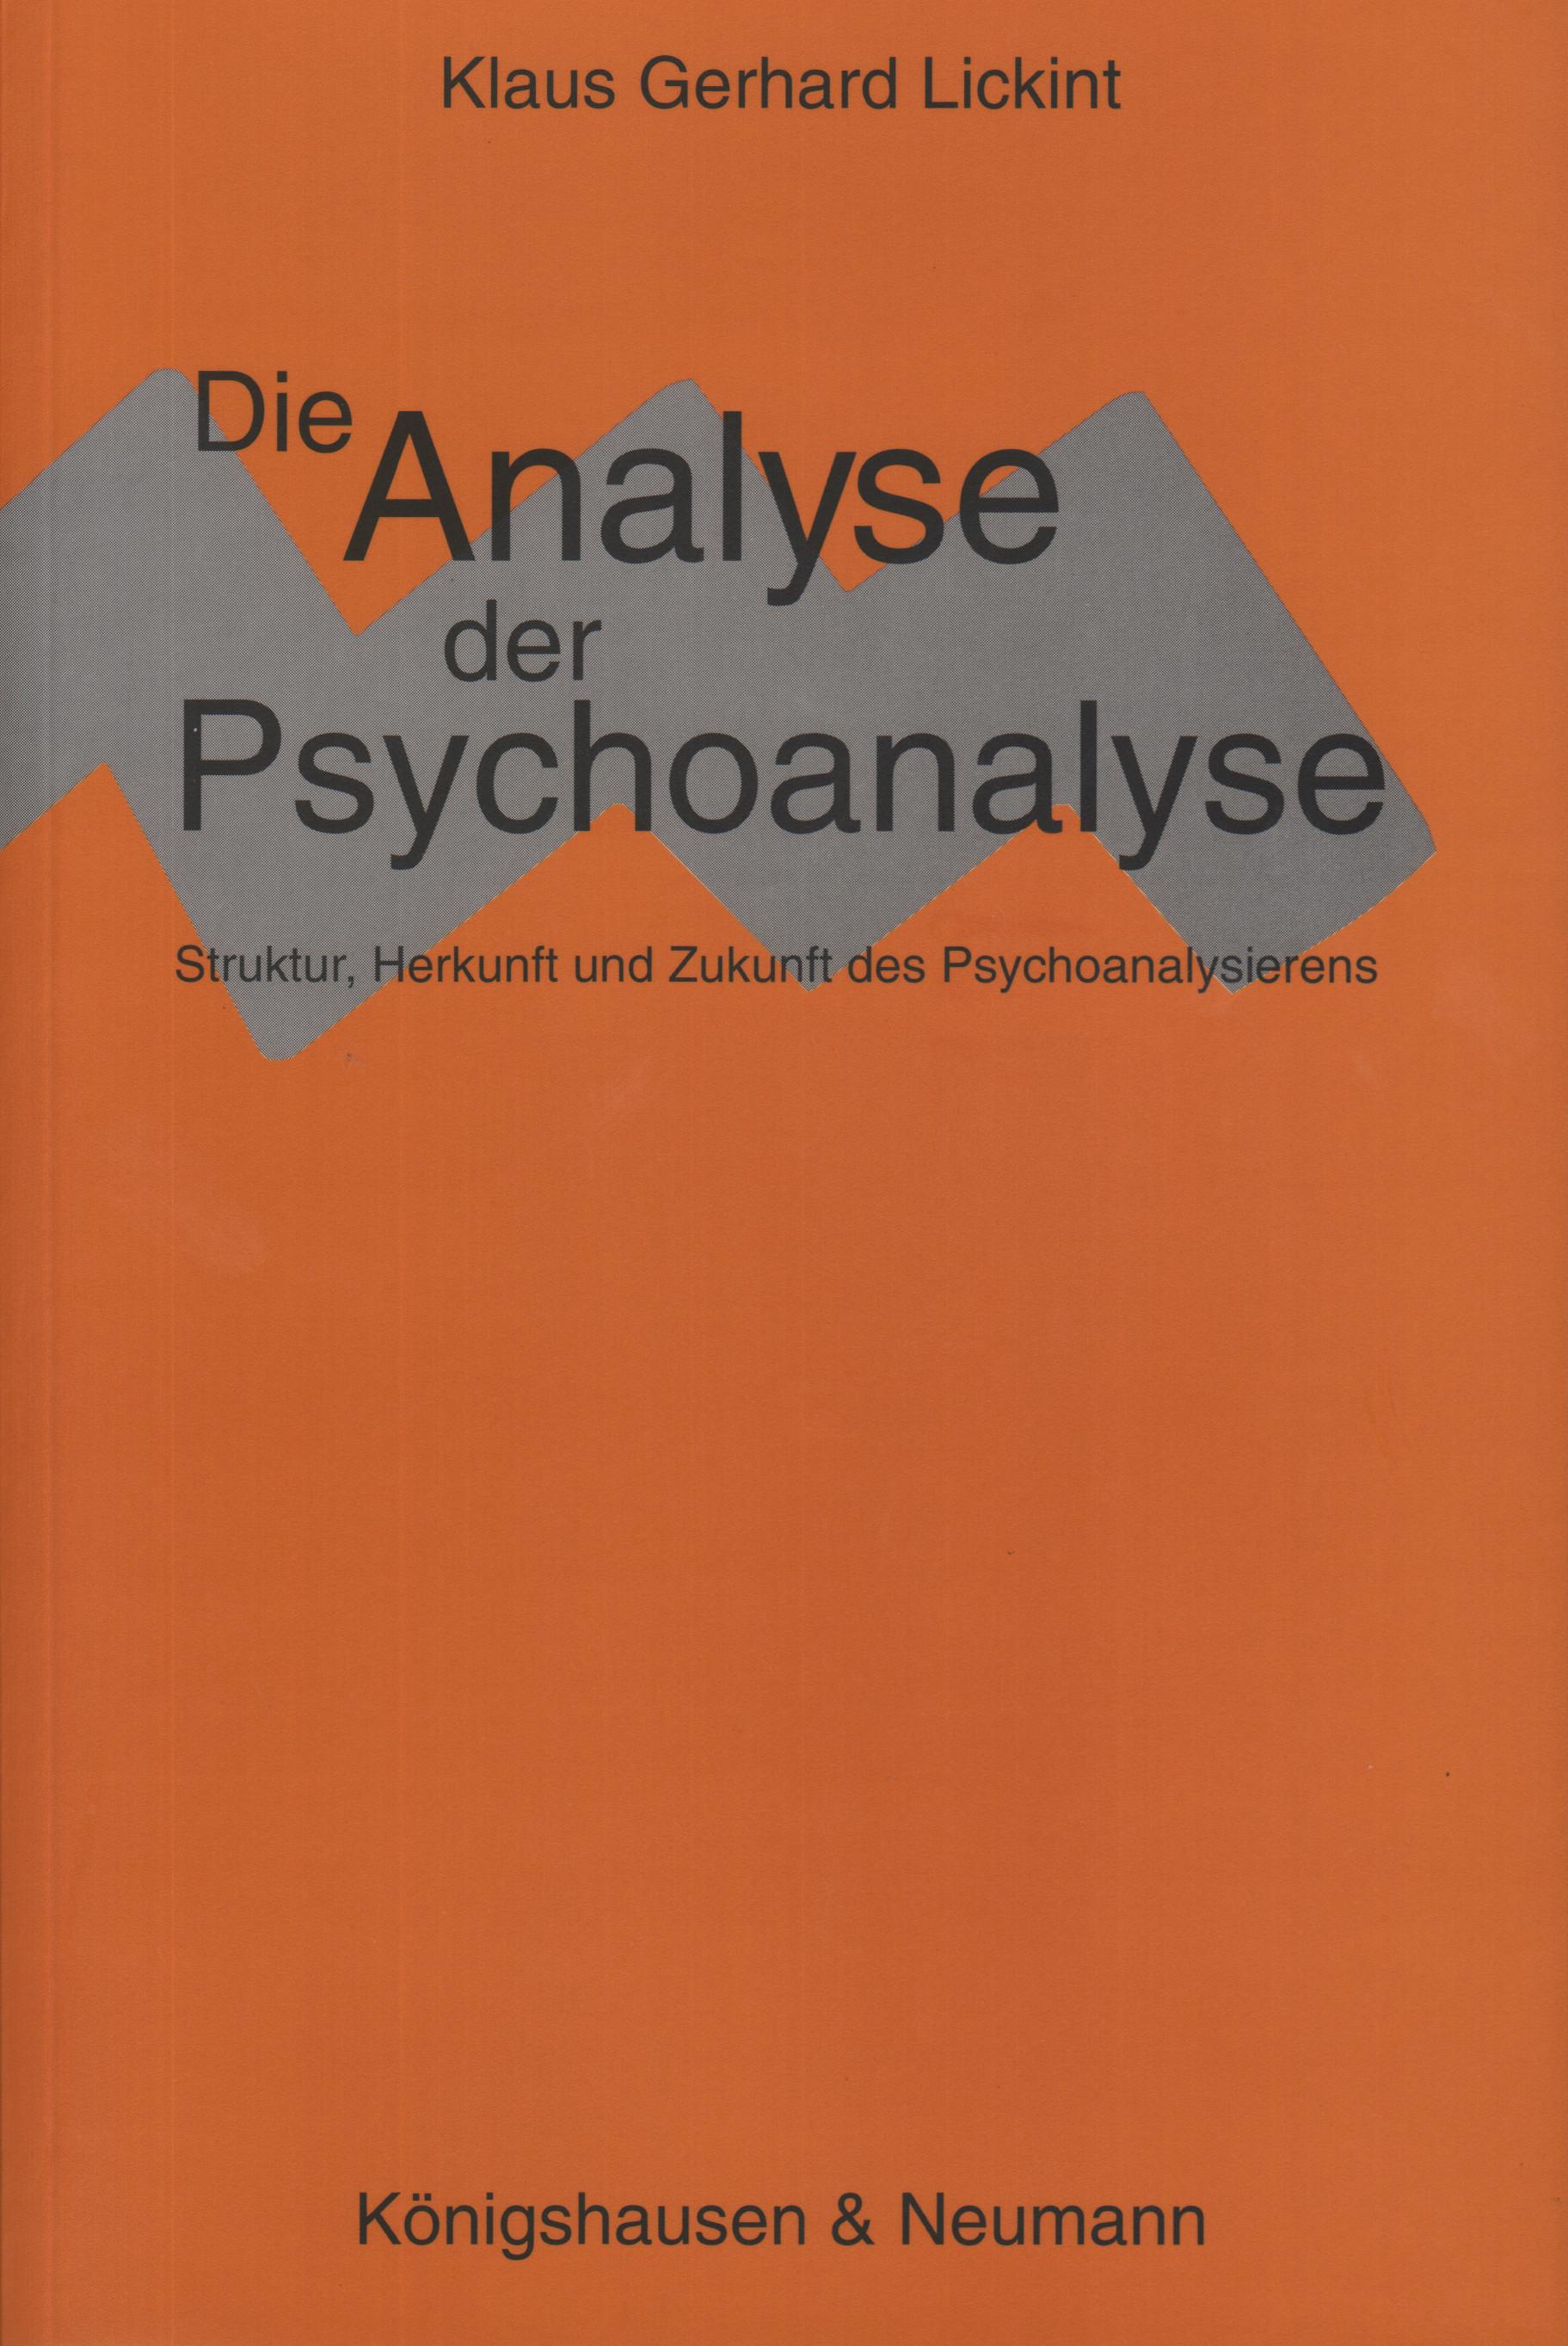 Die Analyse der Psychoanalyse